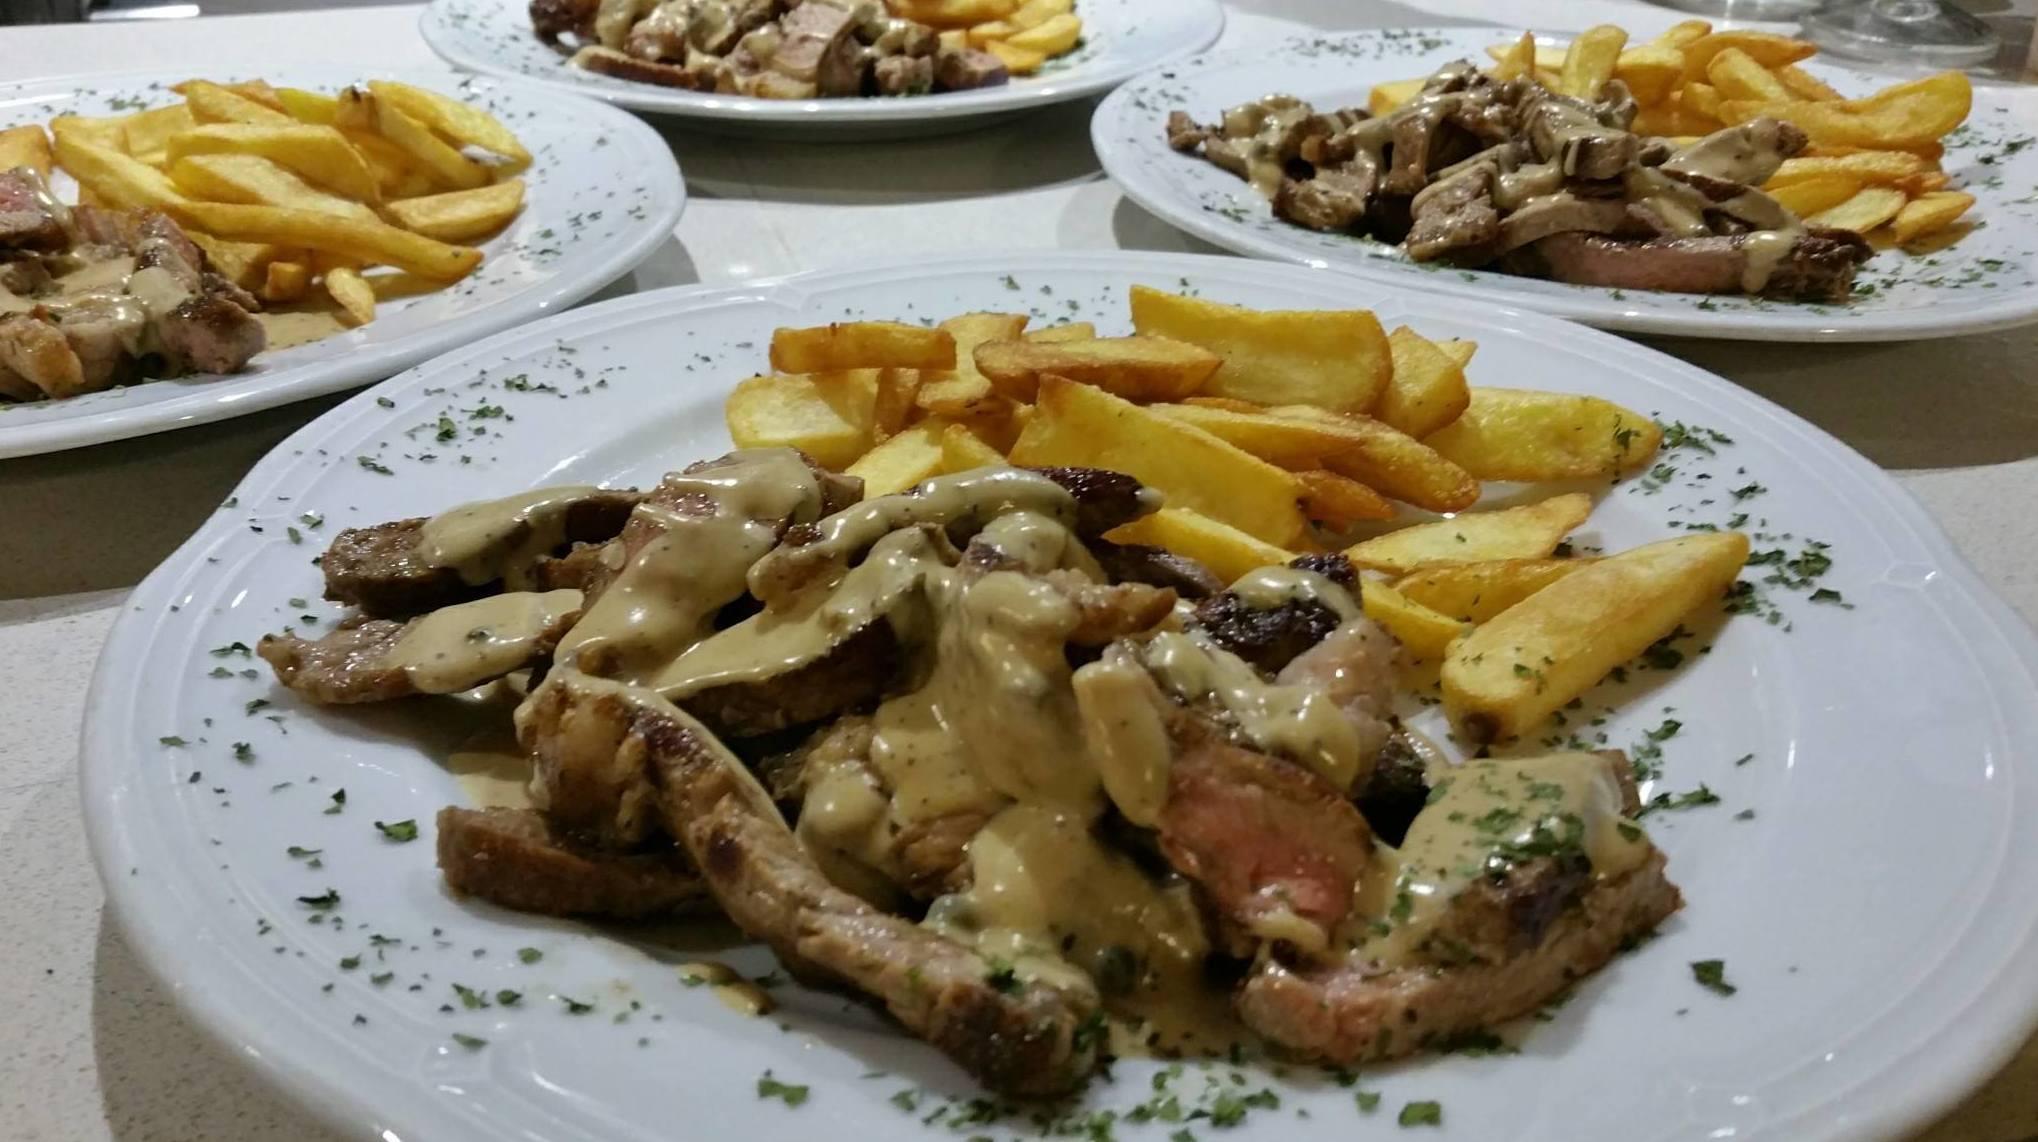 Foto 11 de Restaurante en Alicante | Restaurante Caruso